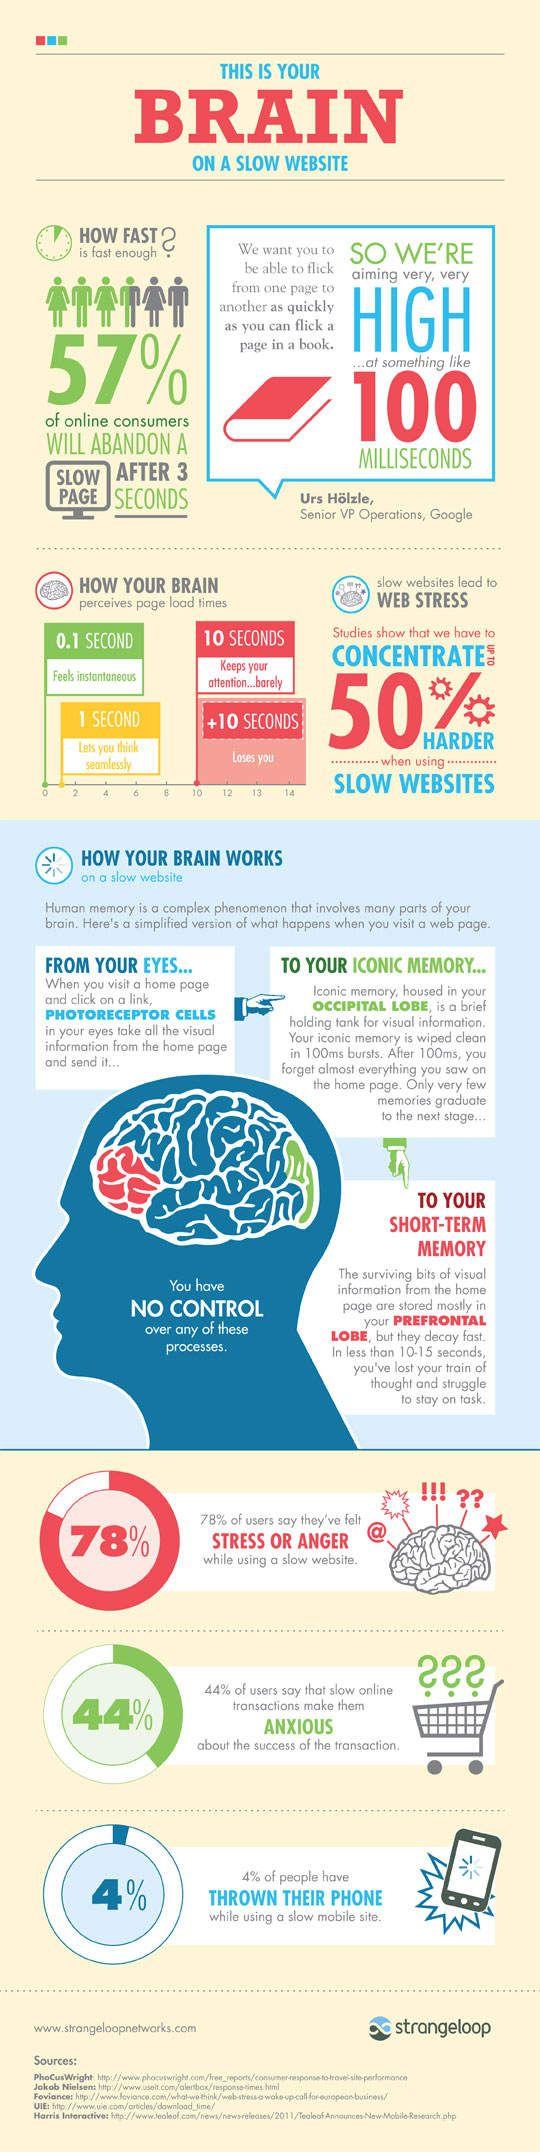 eCommerce: come funziona la mente di fronte a siti lenti? [INFOGRAFICA]